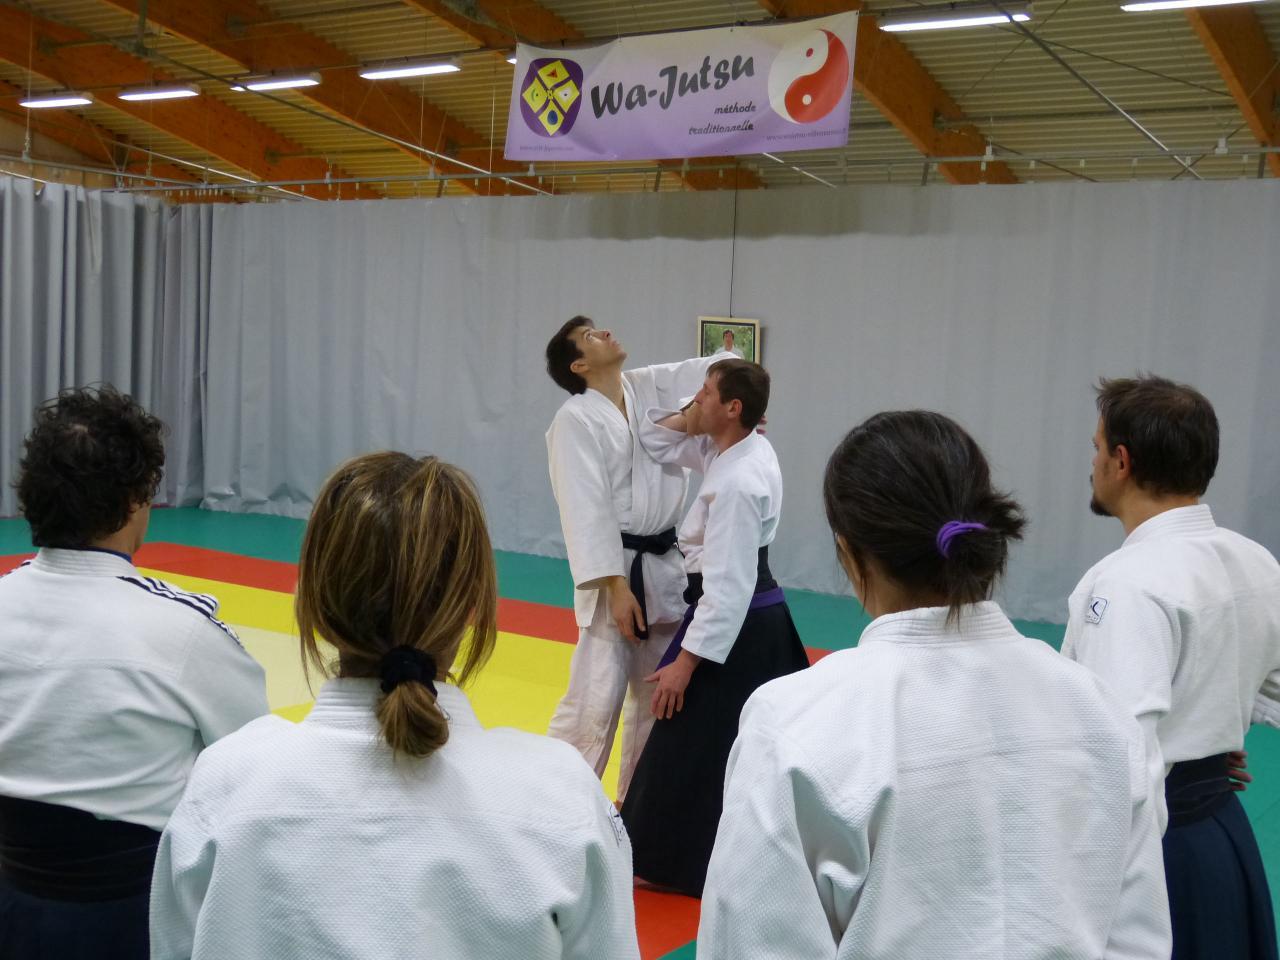 Démonstration pour étude kata